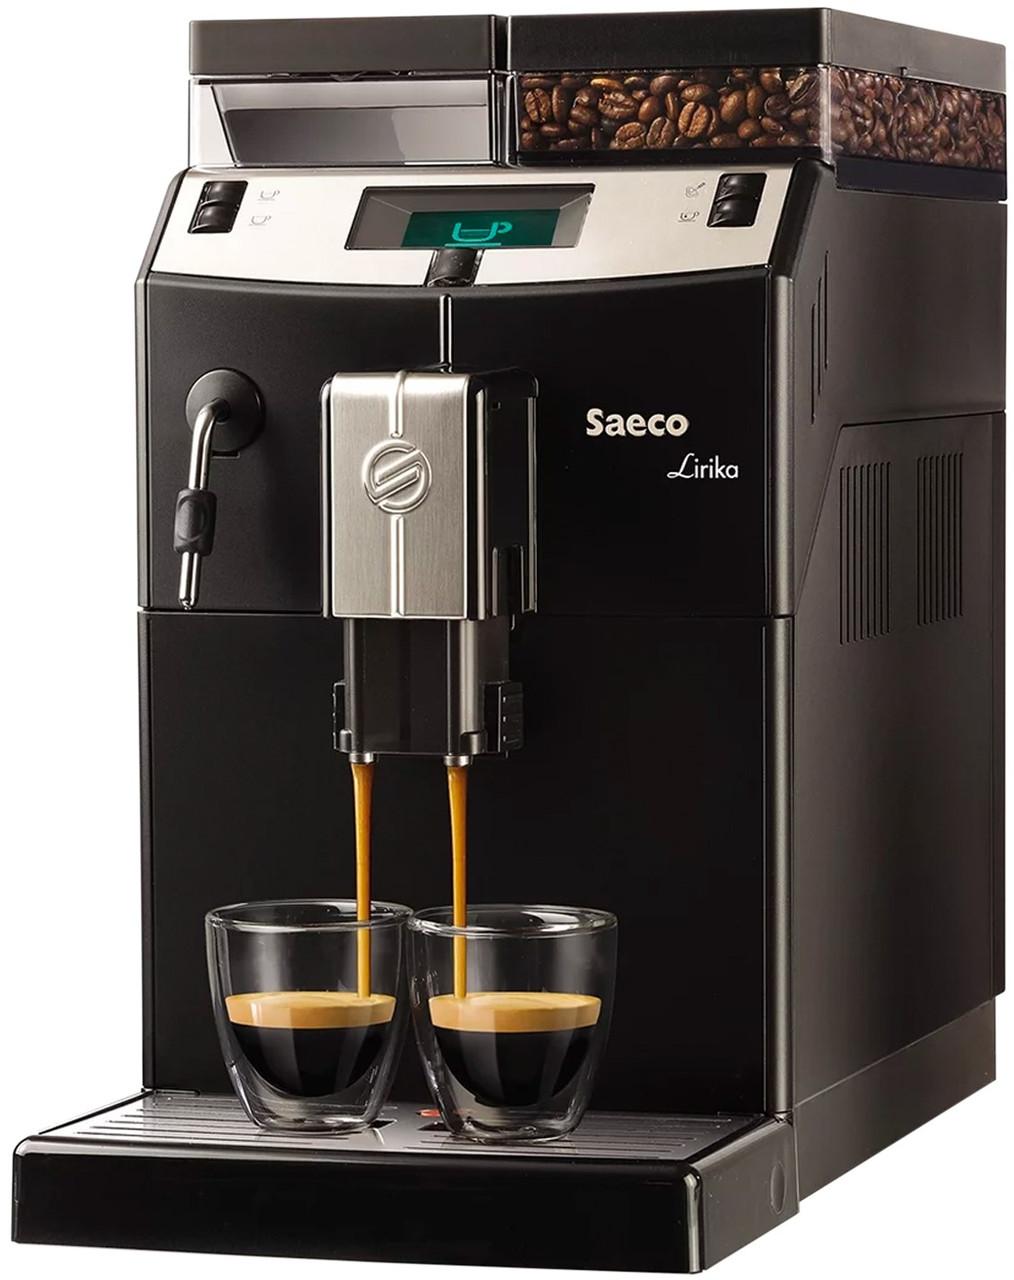 Автоматическая кофемашина Saeco Lirika Black (RI9840/01)